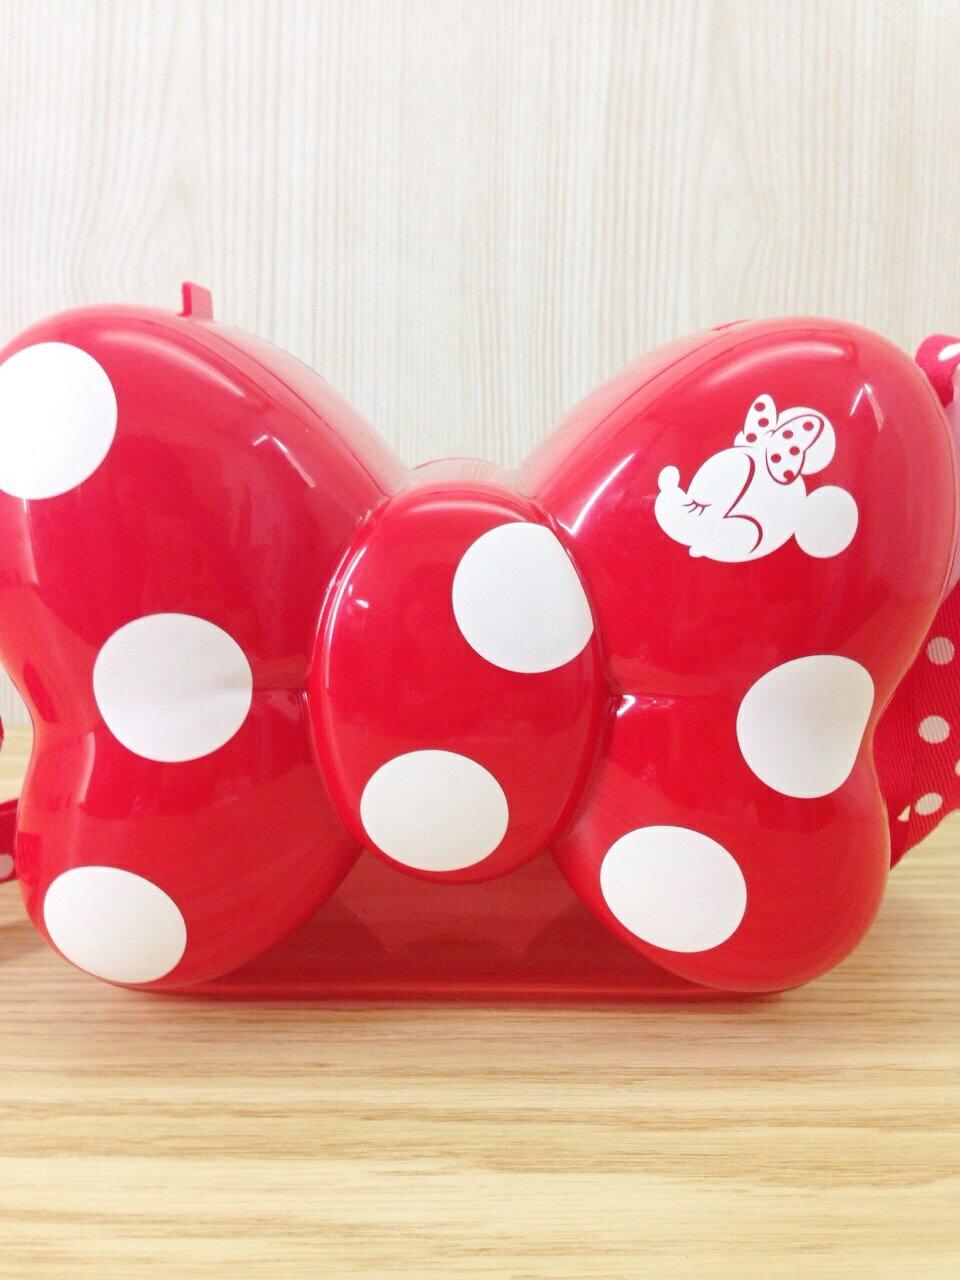 【真愛日本】15101500006 樂園限定爆米花筒-米妮 米奇&米妮 Mickey&Minnie 置物 爆米花桶